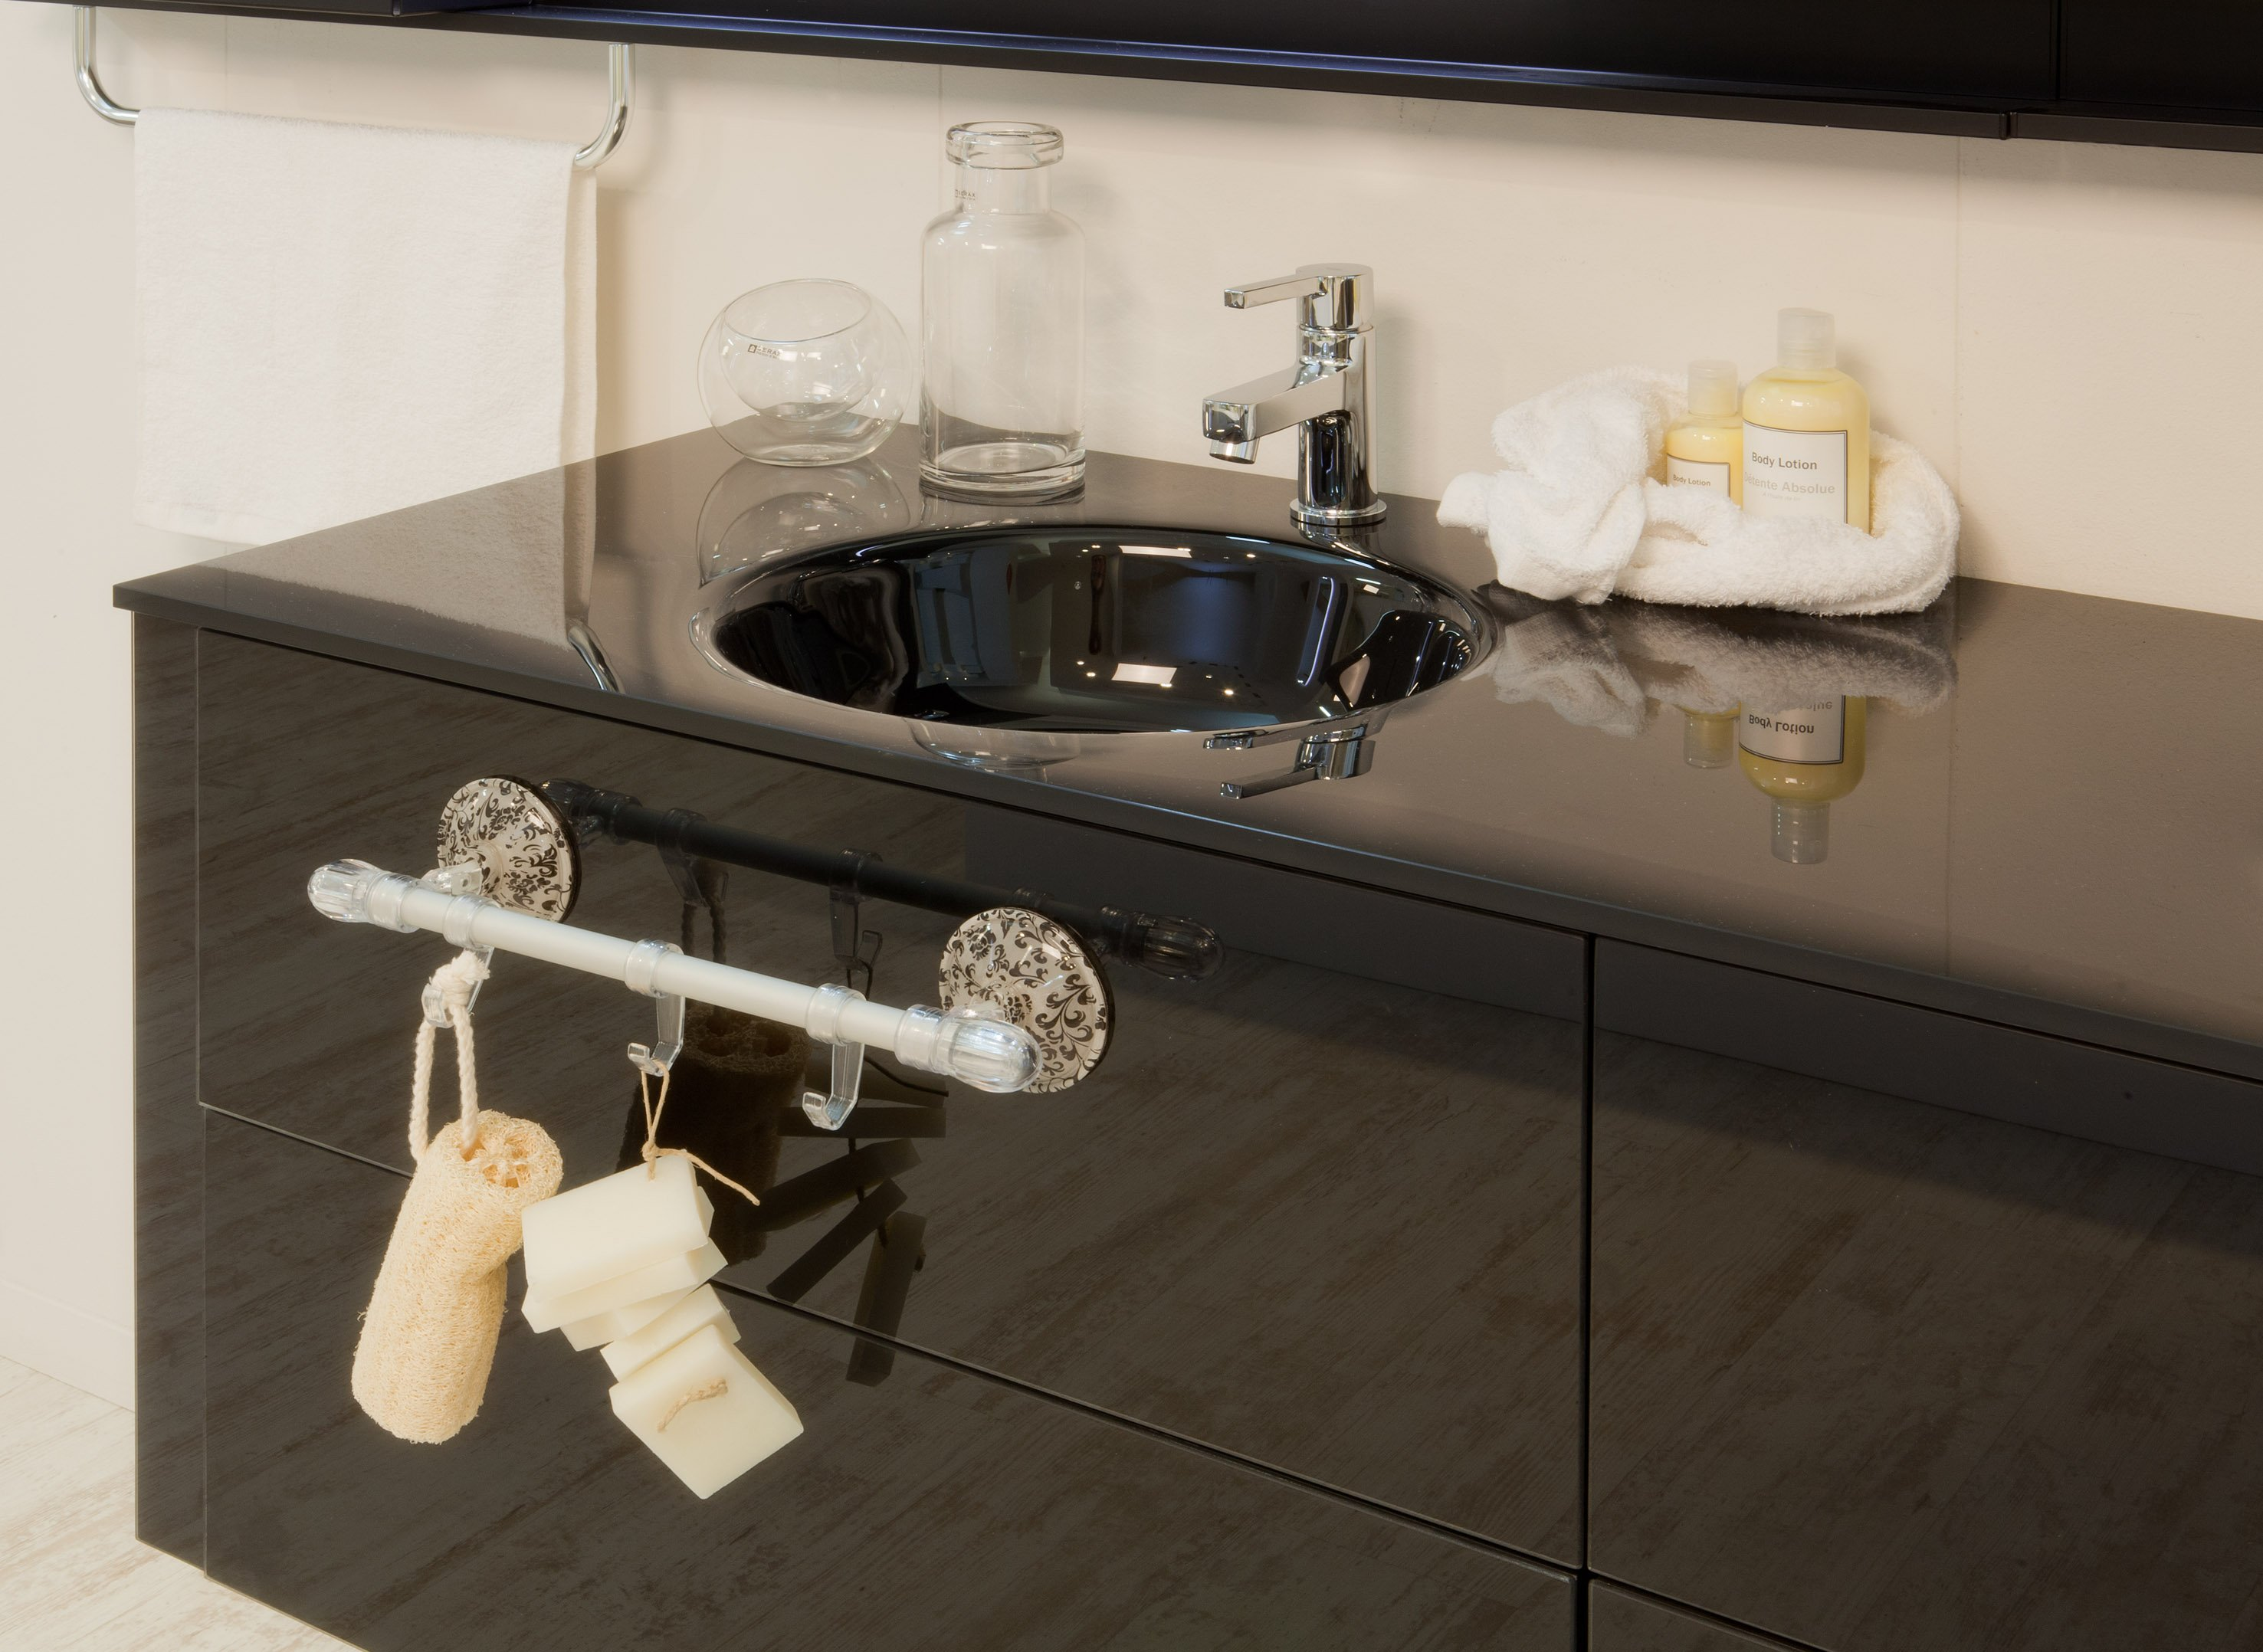 In bagno accessori senza viti e tasselli cose di casa - Accessori bagno a ventosa ...